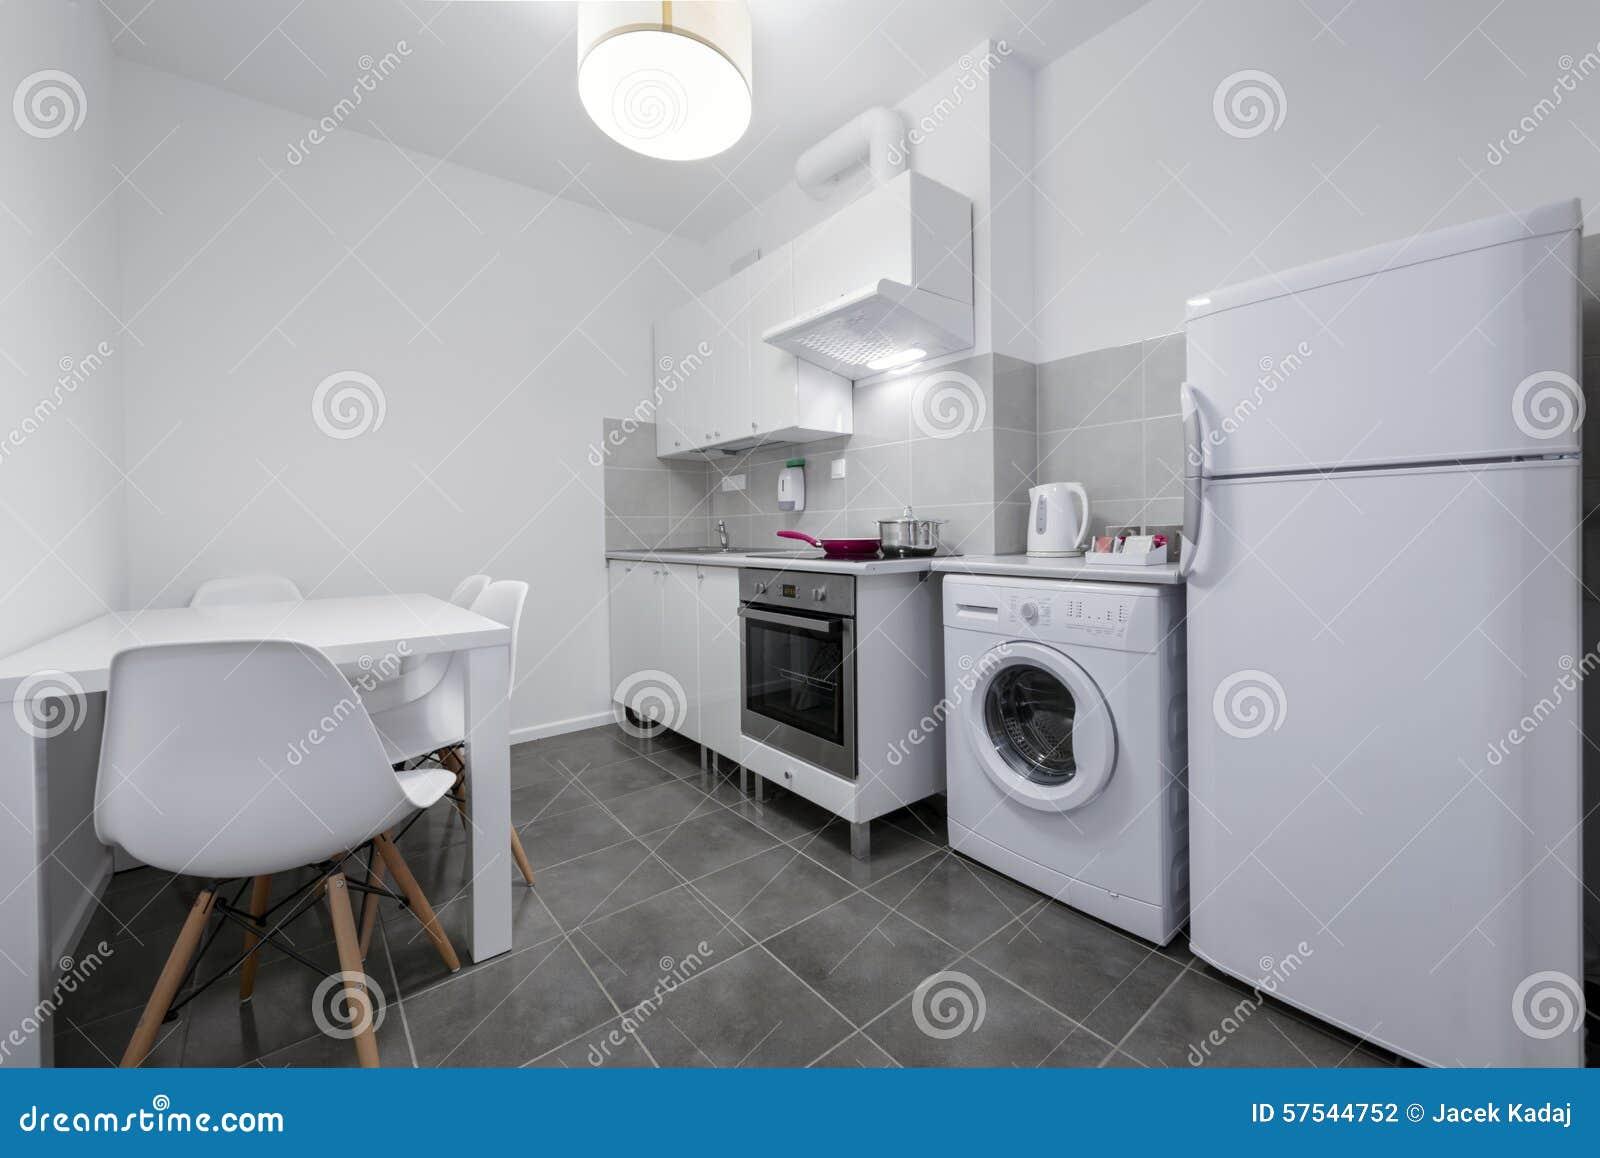 Keuken Witte Kleine : Witte kleine en compacte keuken stock foto afbeelding bestaande